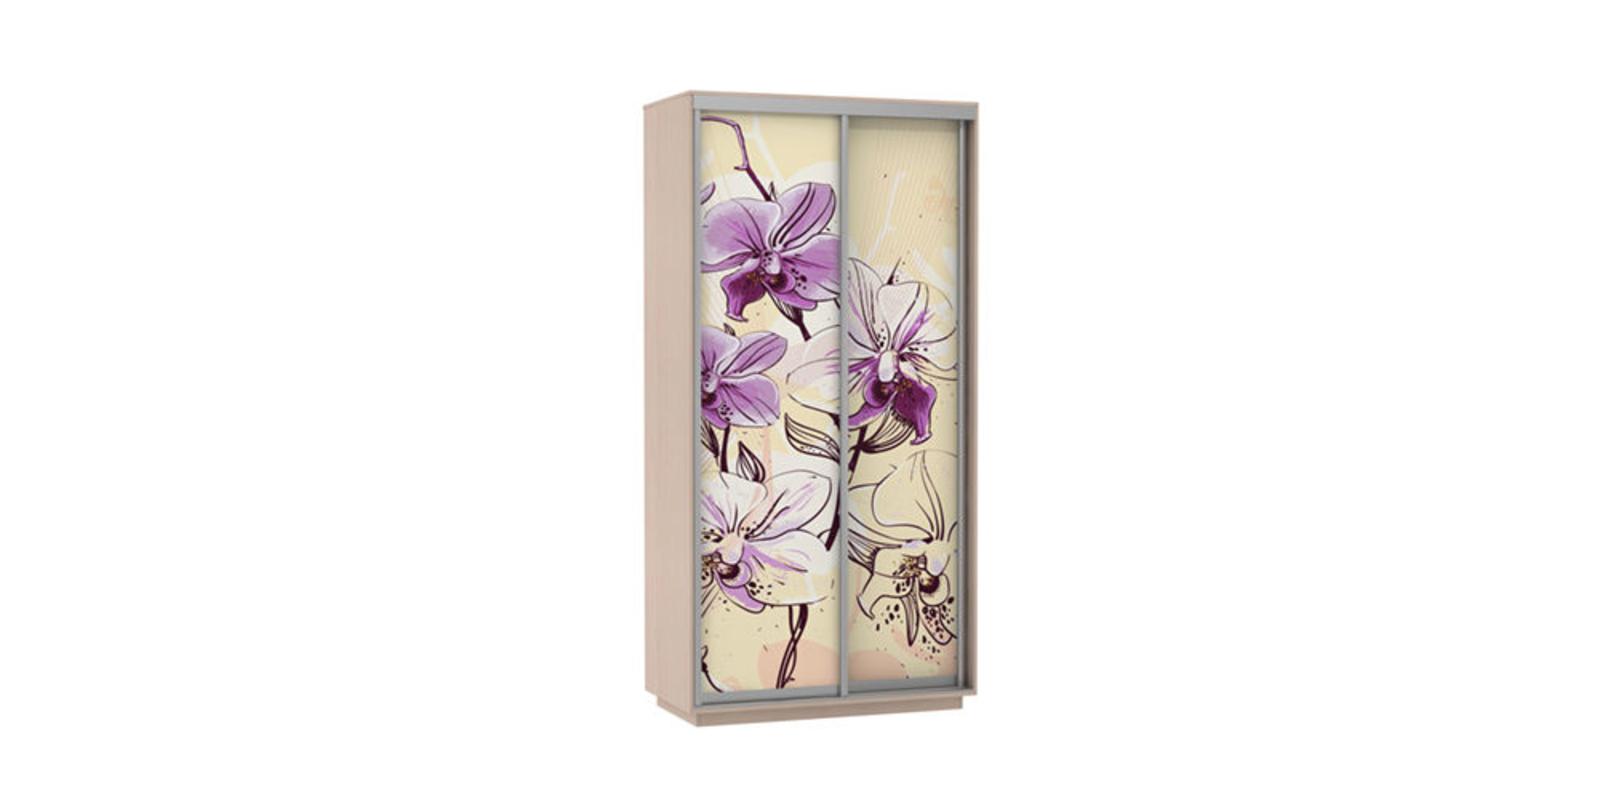 Шкаф-купе двухдверный Байкал 120 см (дуб молочный/орхидея)